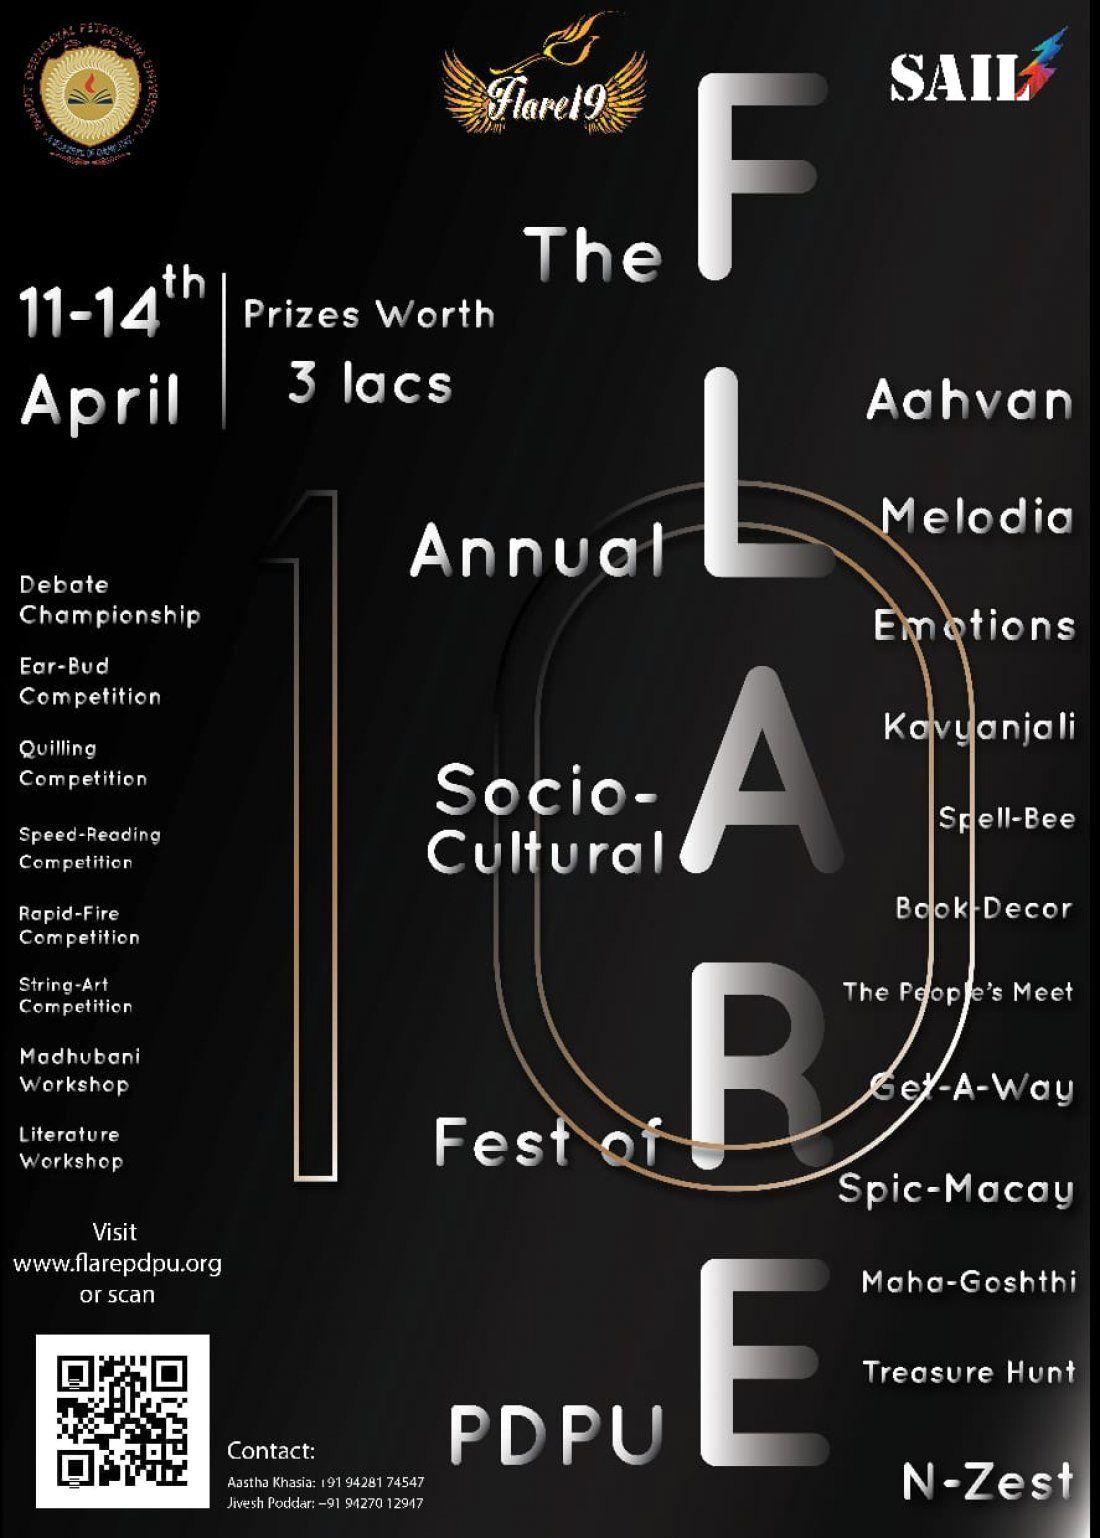 FLARE19 PDPU - The Annual Socio-Cultural Fest of PDPU